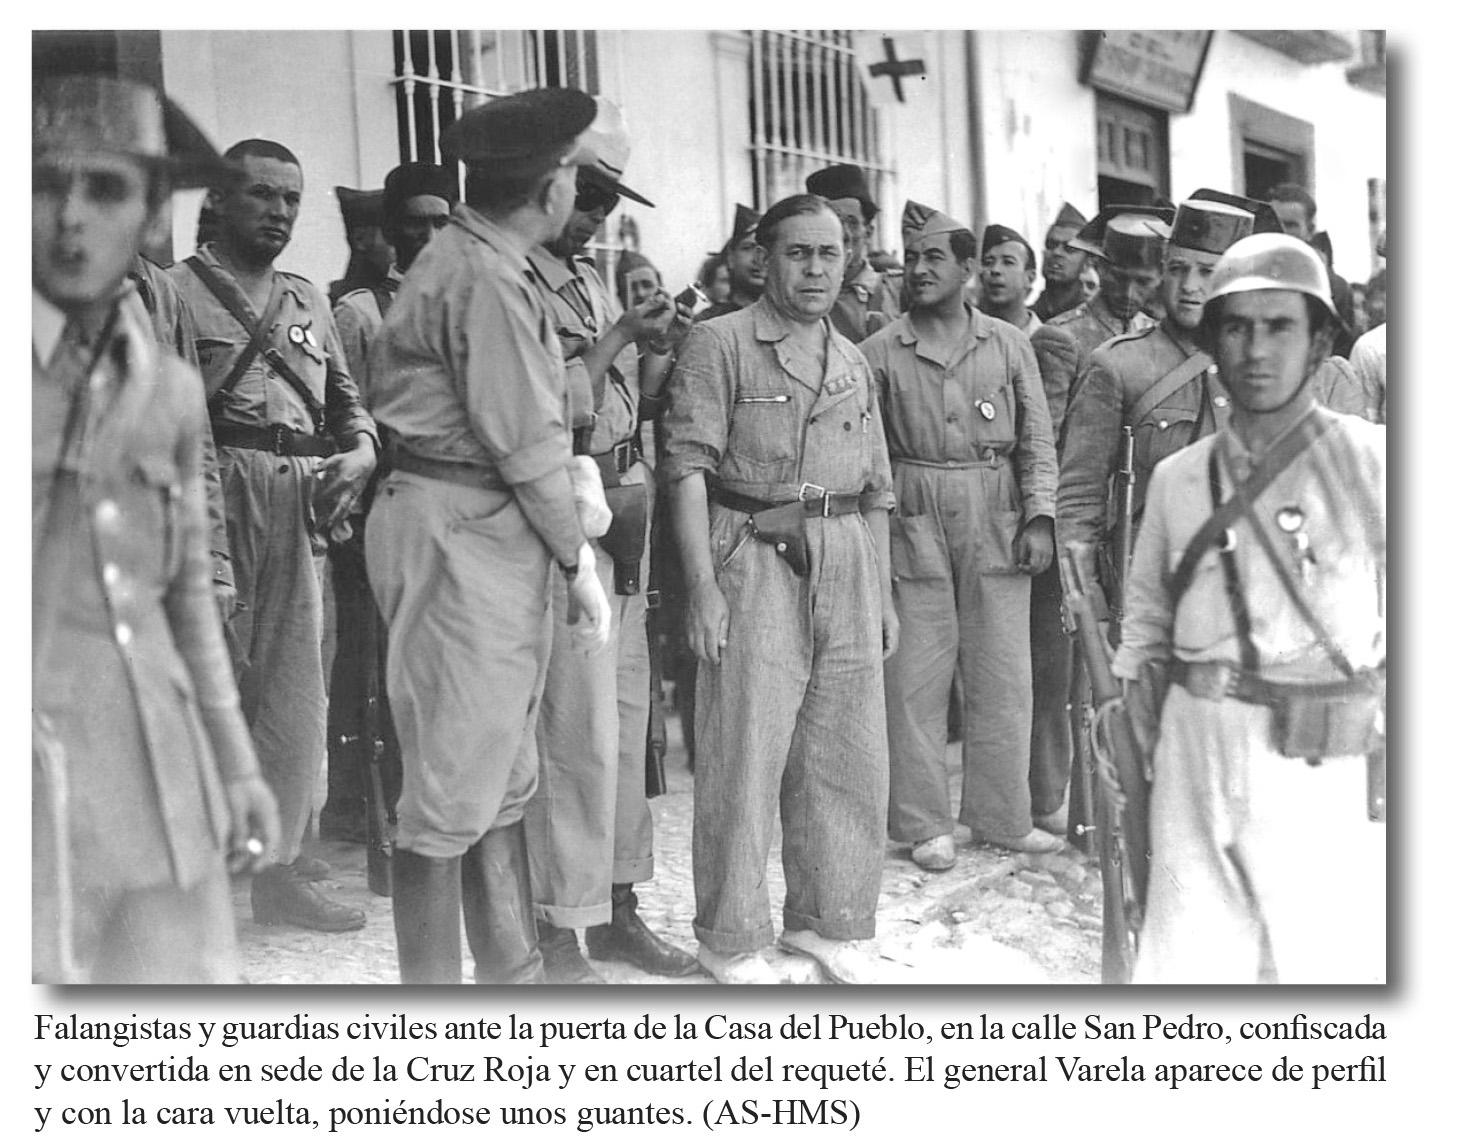 c/ San Pedro. Casa del Pueblo (Cruz Roja)